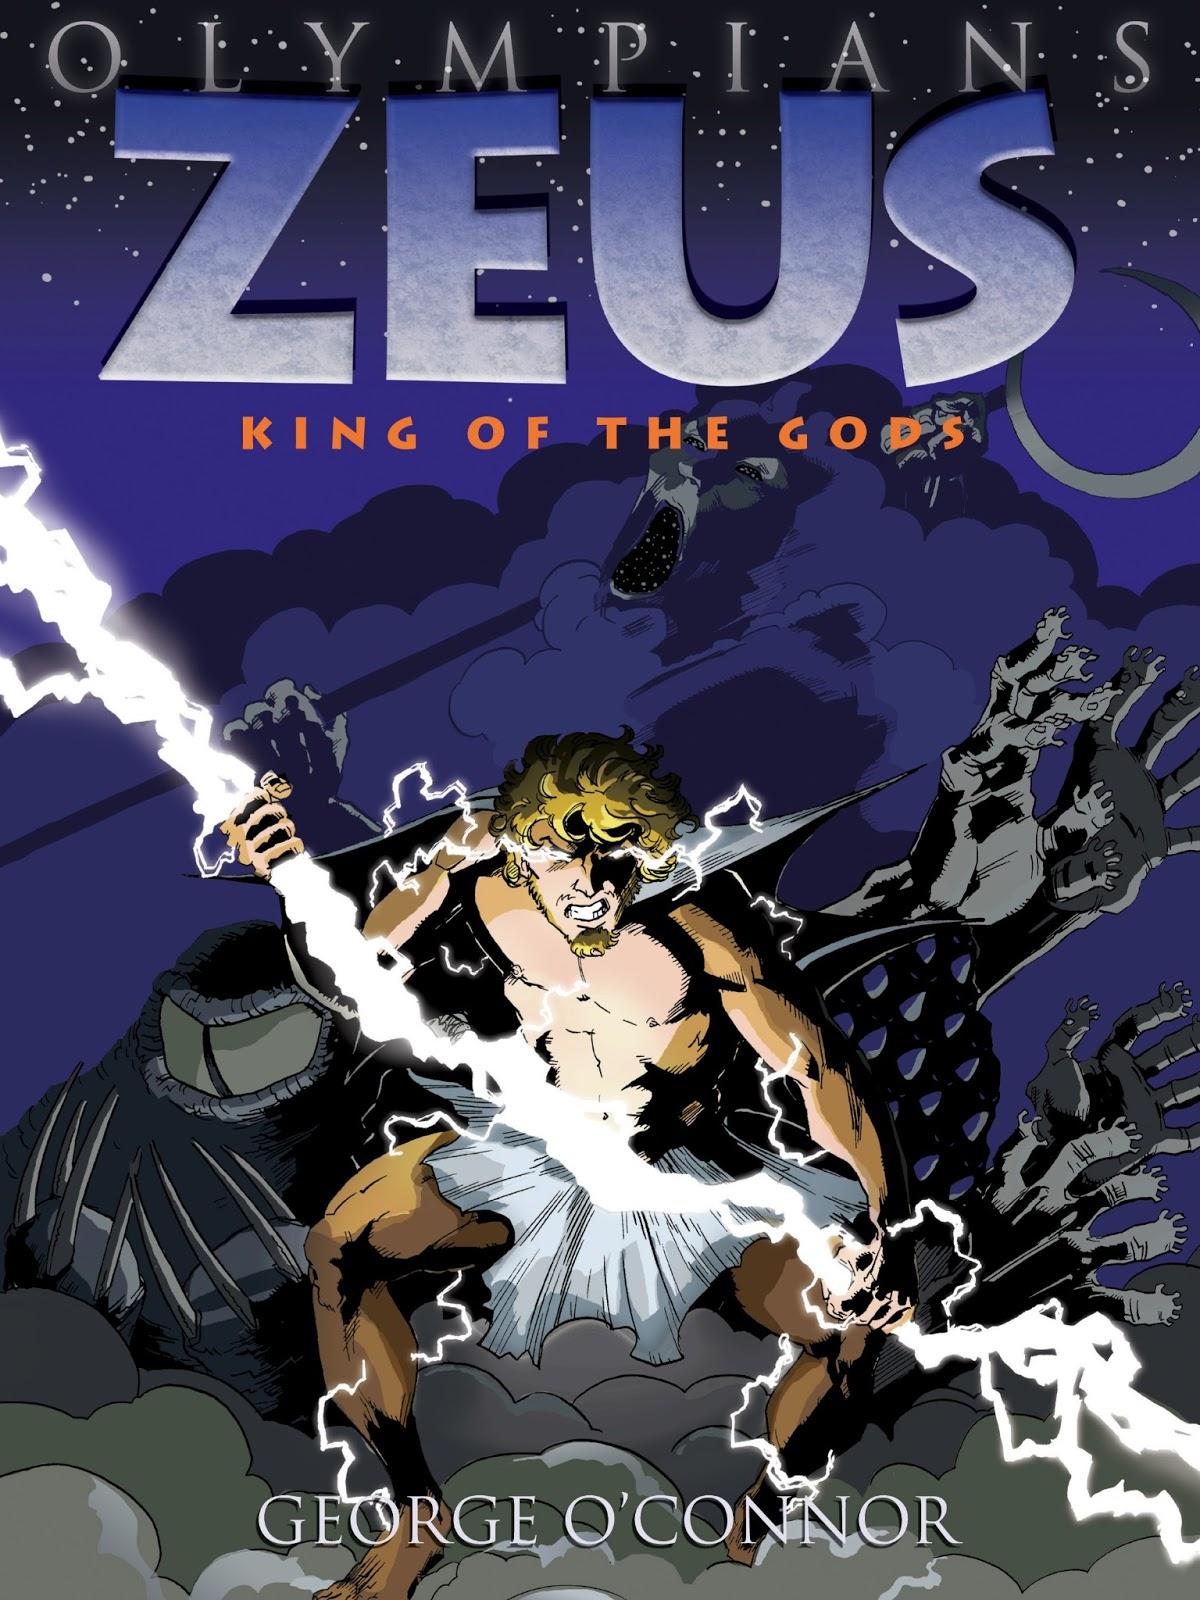 king of gods novel